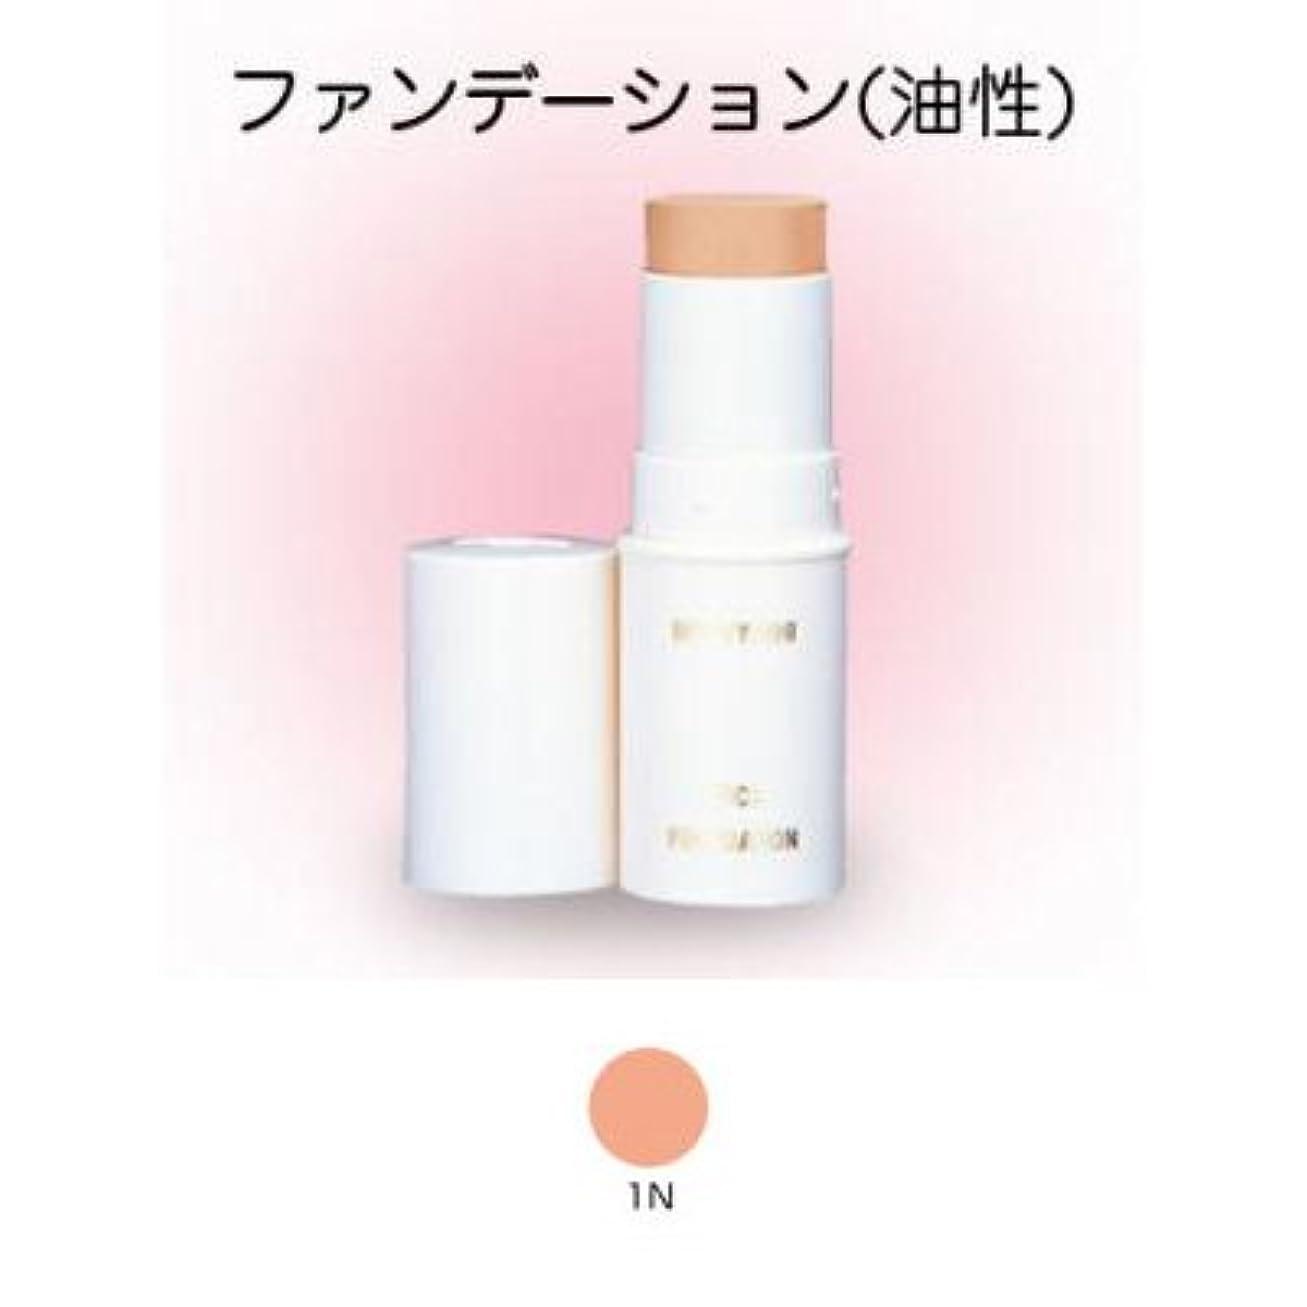 差別する操作誠実スティックファンデーション 16g 1N 【三善】